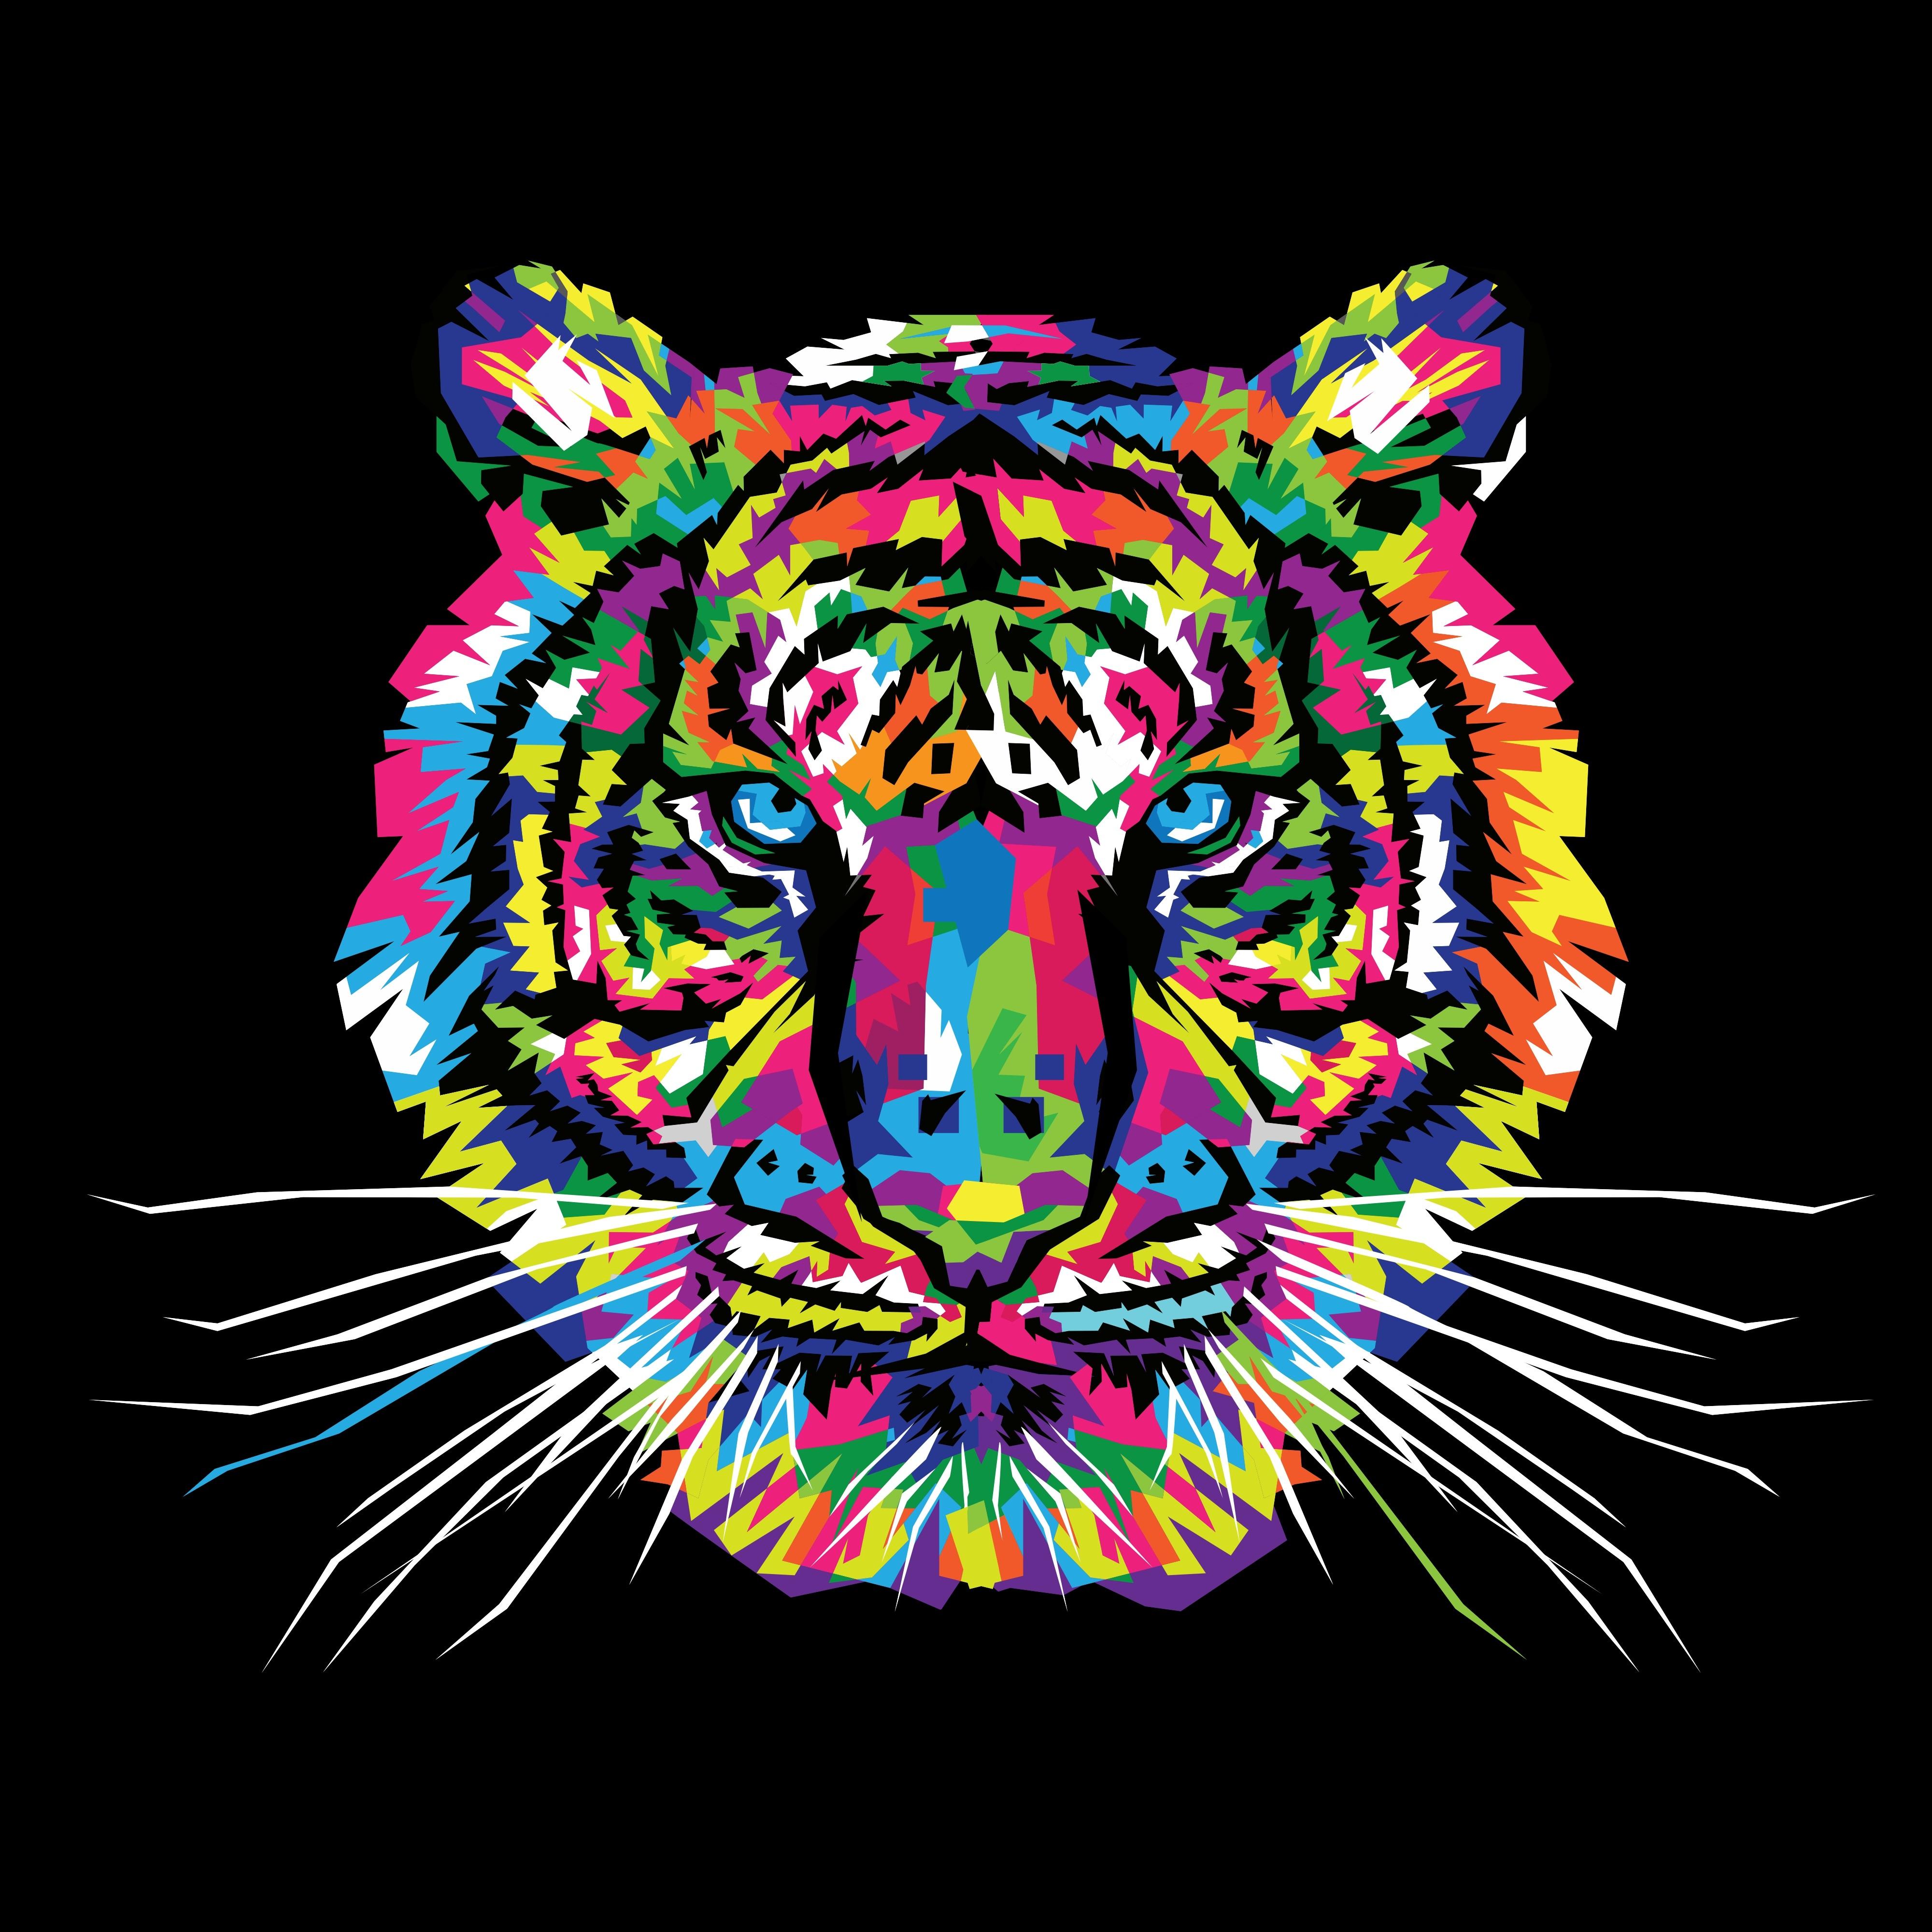 84411 Hintergrundbild herunterladen Vektor, Kunst, Mehrfarbig, Motley, Tiger, Ornament - Bildschirmschoner und Bilder kostenlos